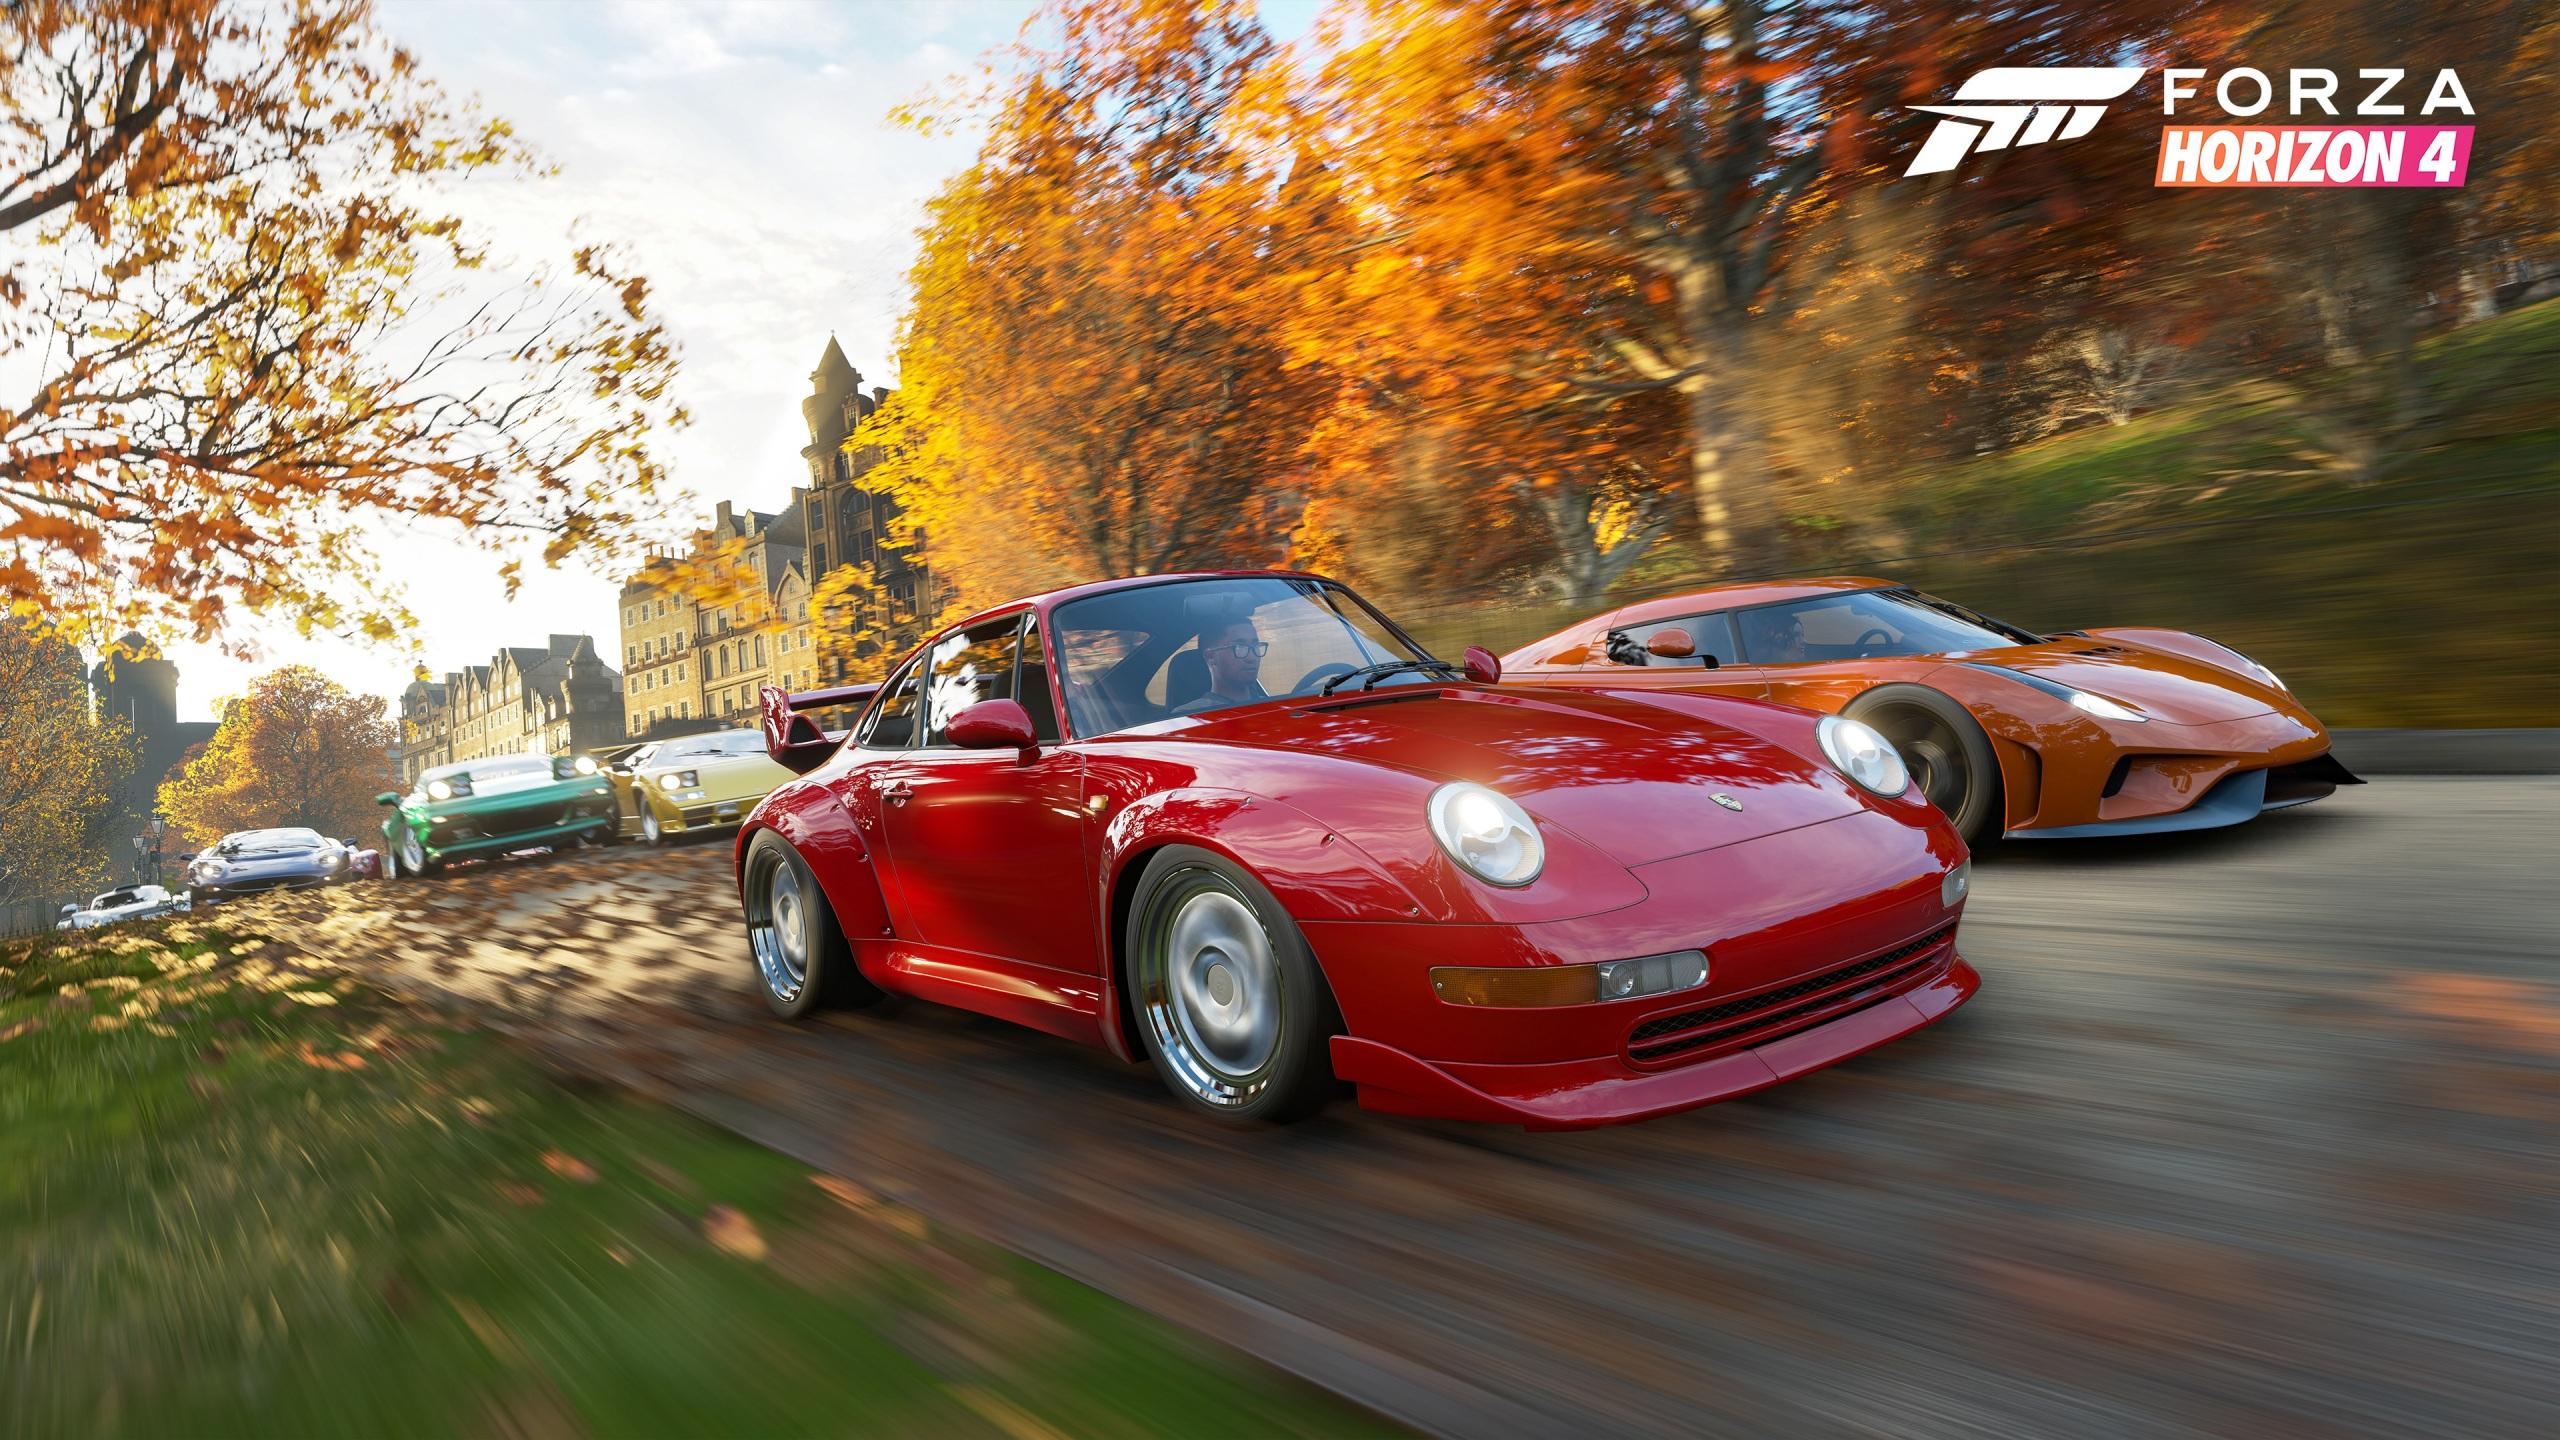 Fonds D'ecran 2560X1440 Porsche Forza Horizon 4 Regera E3 encequiconcerne Jeux De Voiture Rouge